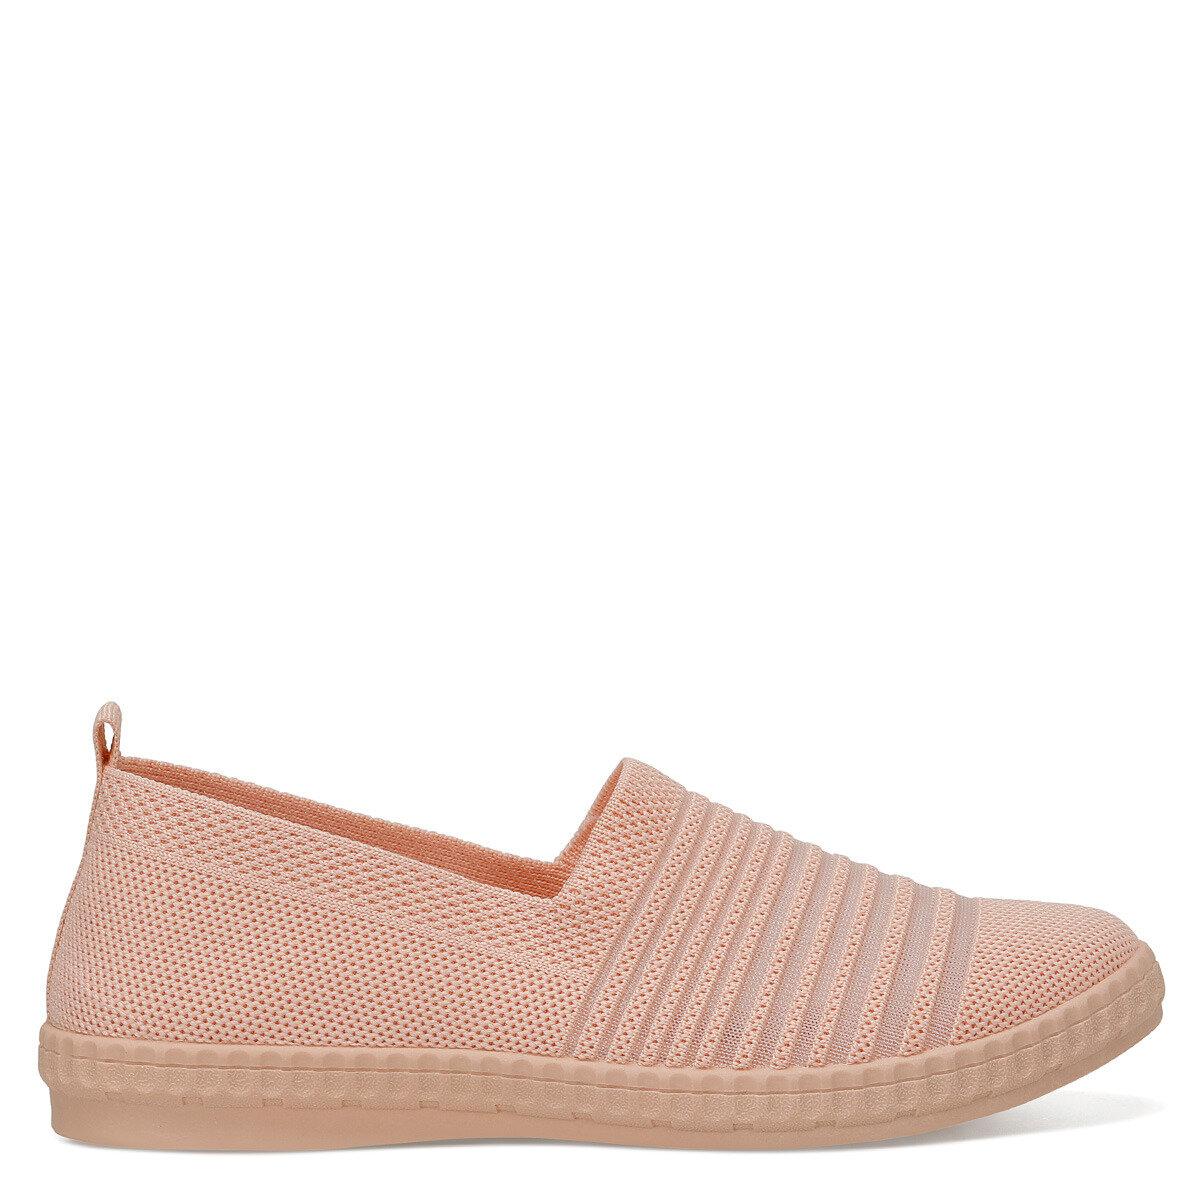 SHANA Pembe Kadın Slip On Ayakkabı